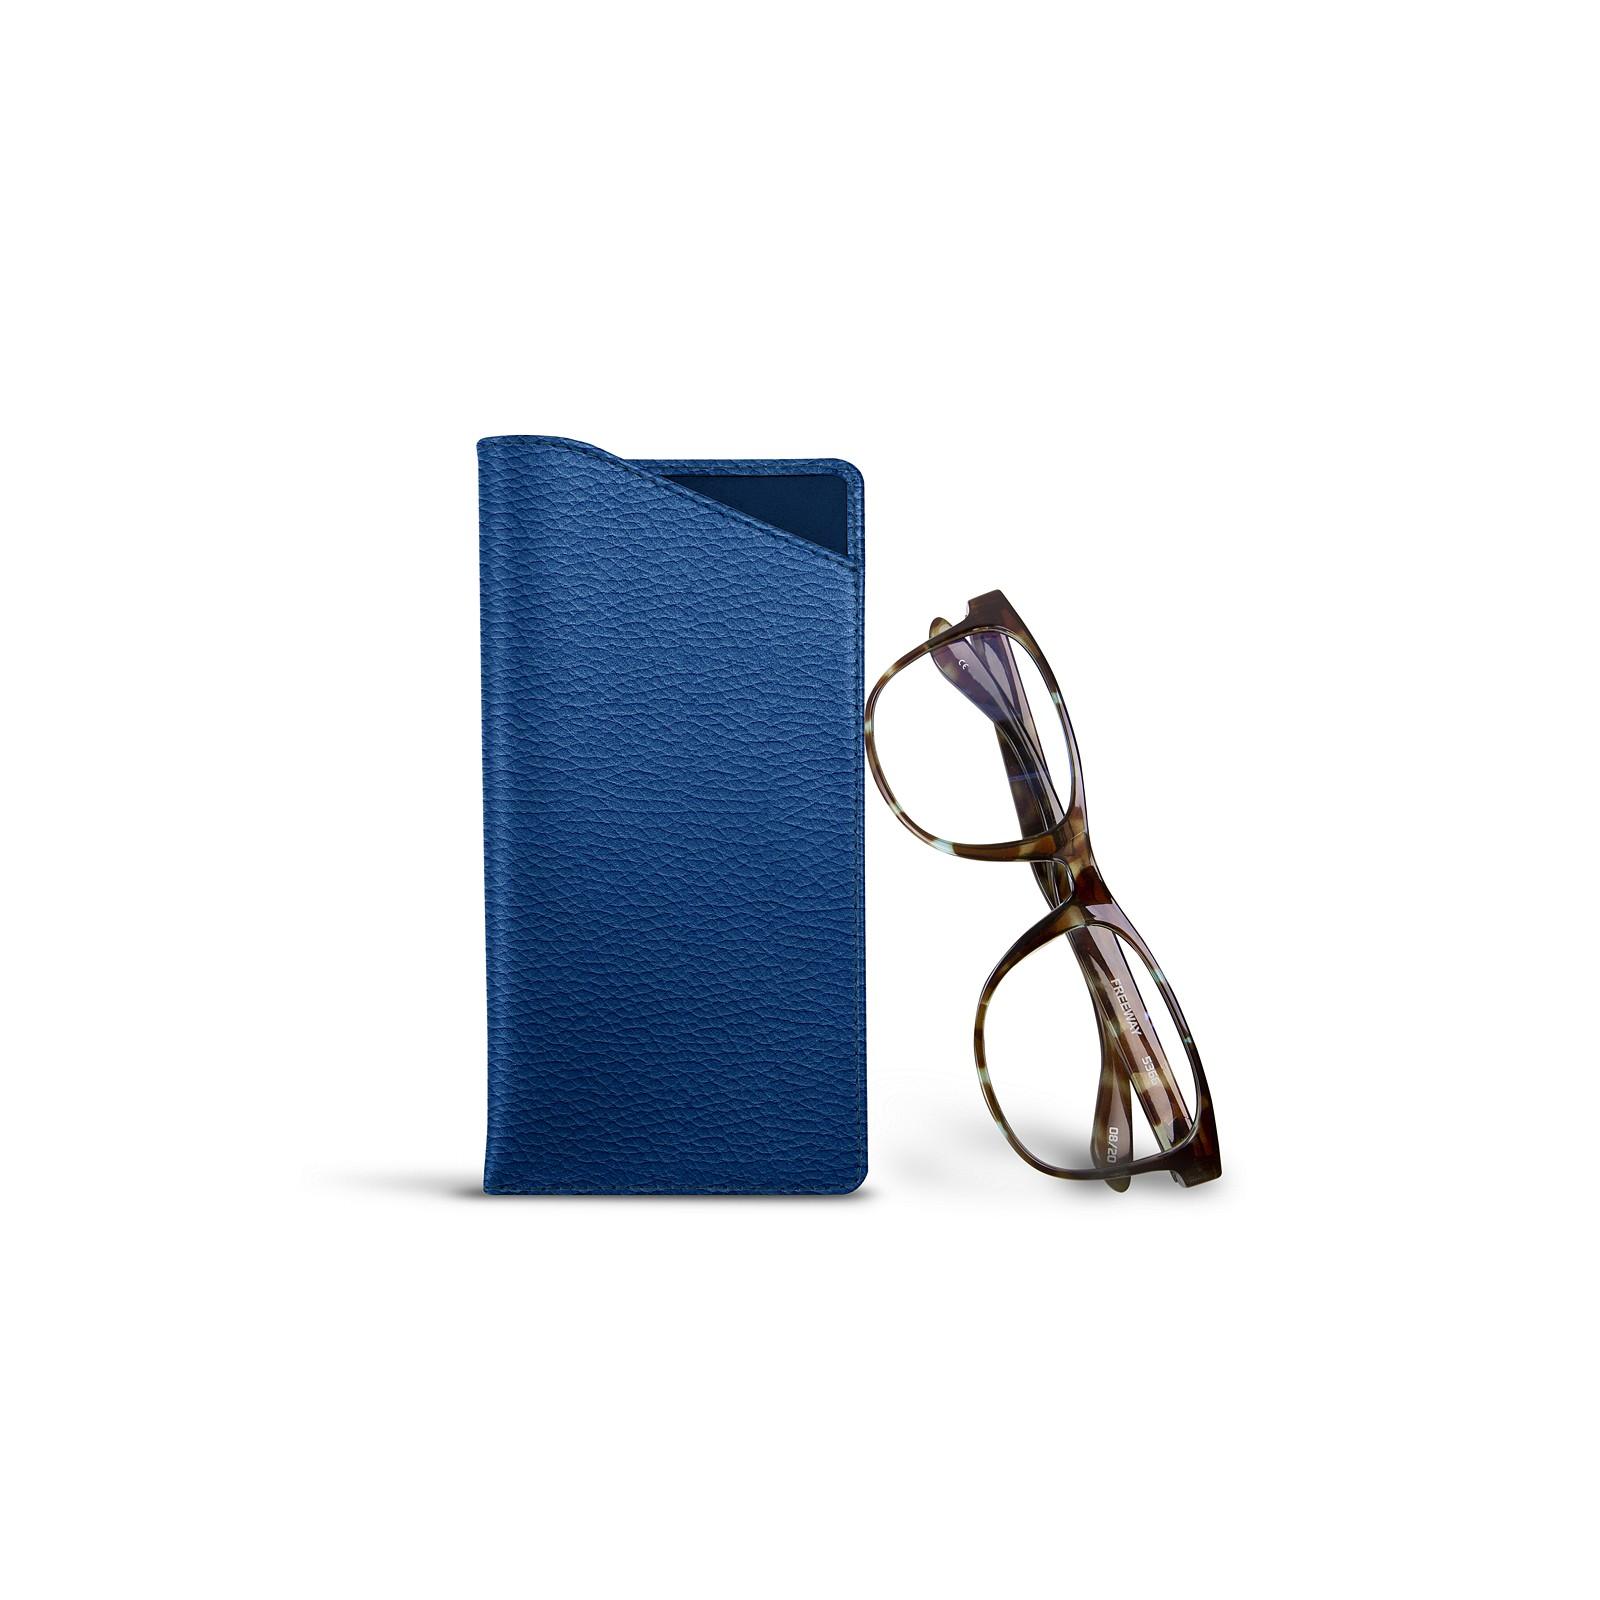 55ecdbb91b Estuche para gafas tamaño estándar Cielo Azul - Piel Grano Estuche para  gafas tamaño estándar Cielo Azul - Piel Grano 